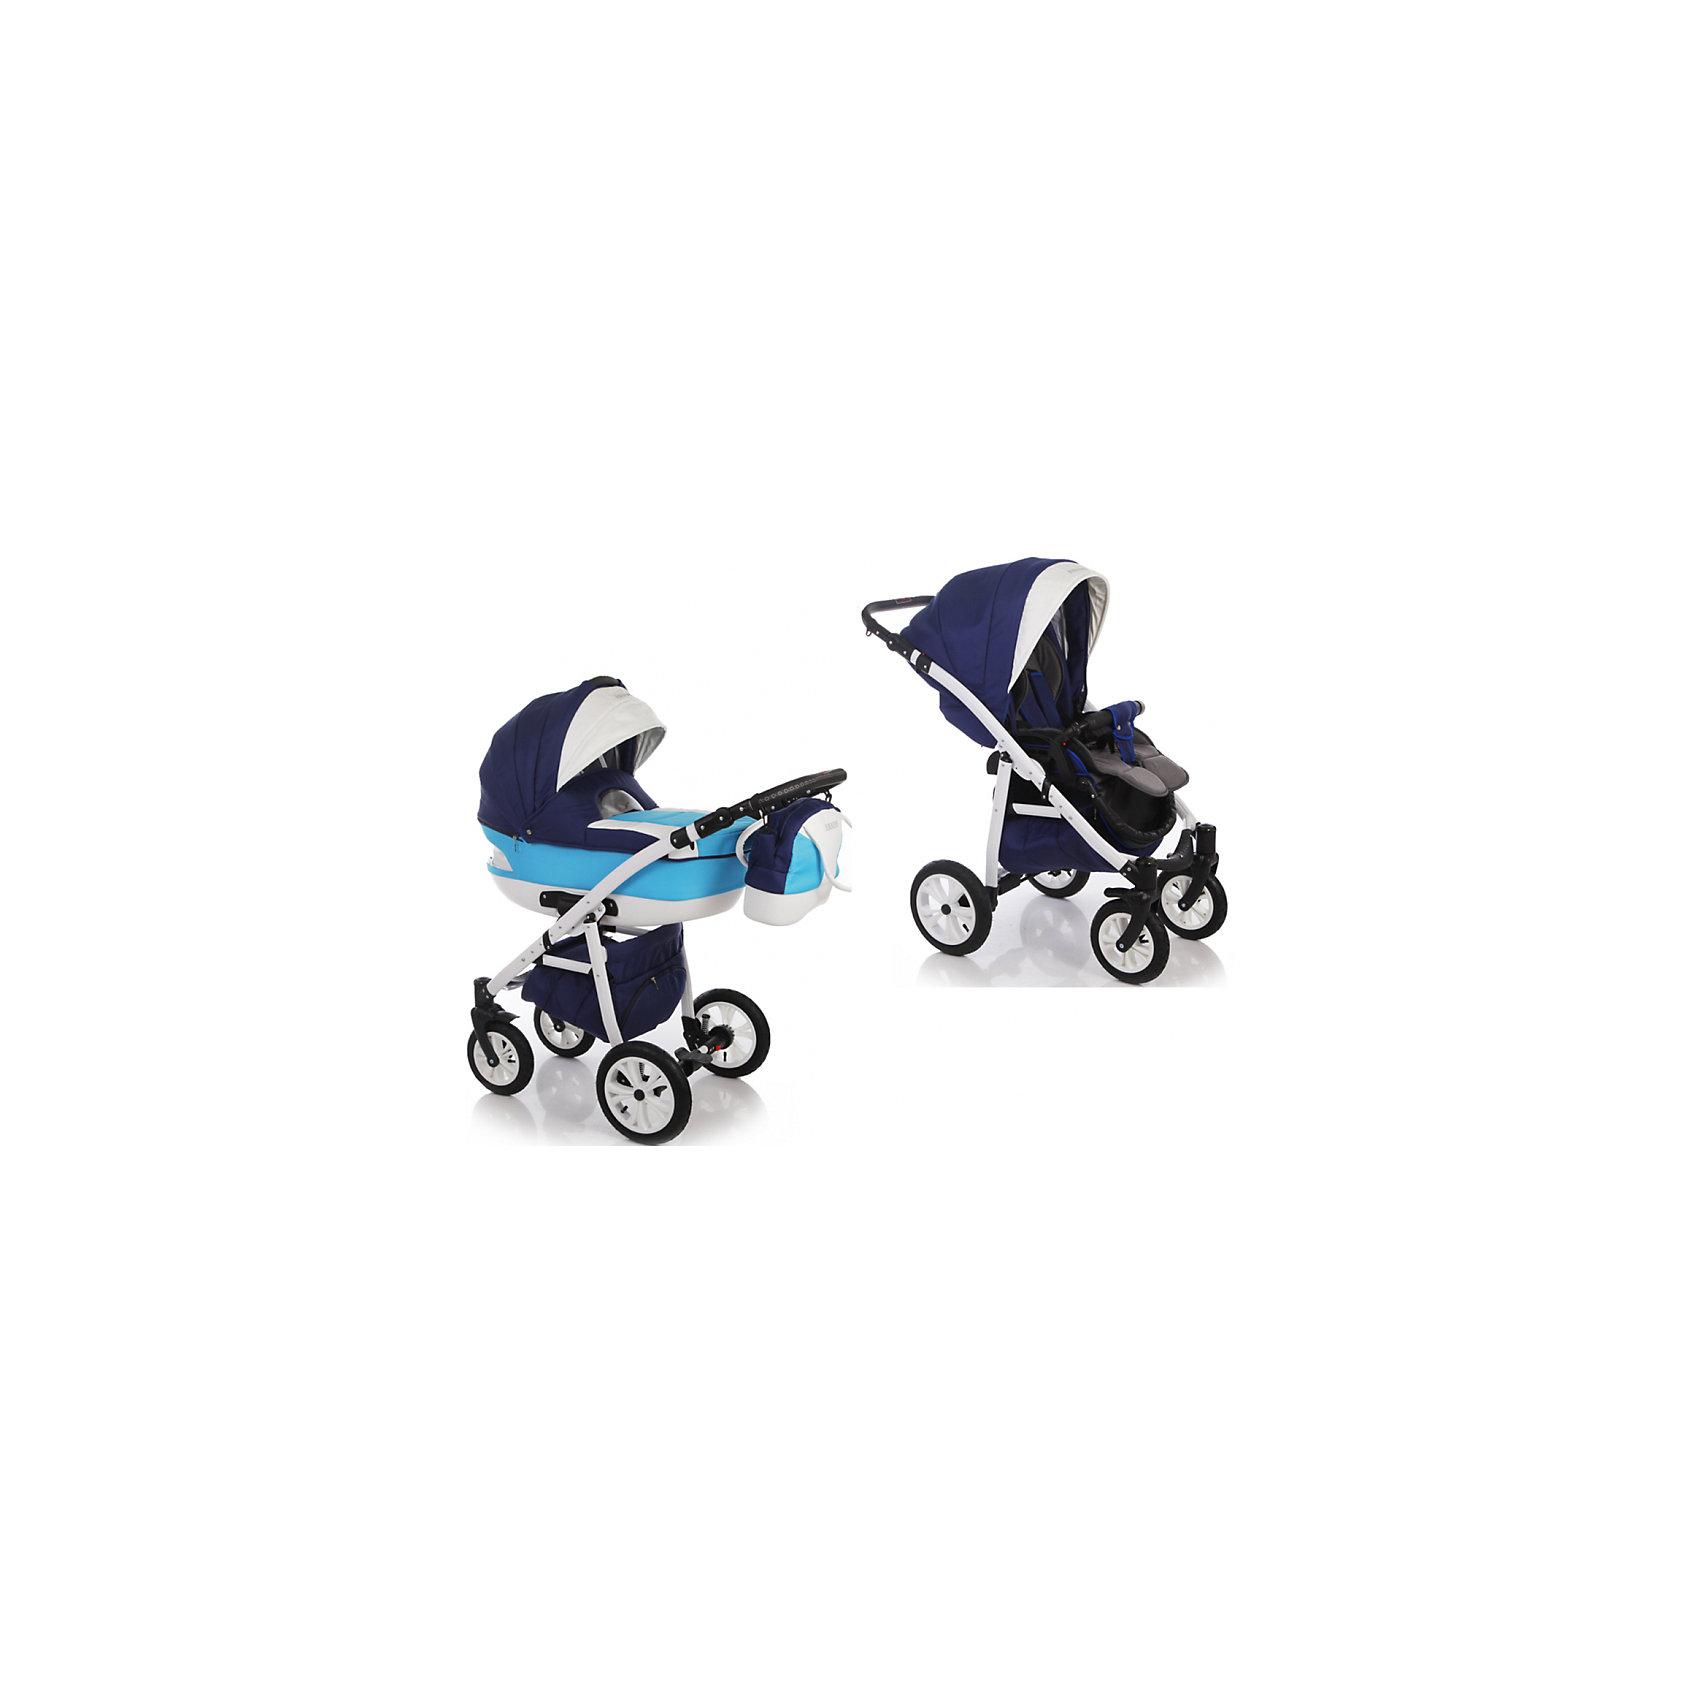 Коляска 2 в 1 AMADIS, Ifratti, синий/белый/голубойIfratti Amadis - новая, манёвренная и лёгкая  в управлении многофункциональная,  модульная коляска с  возможностью установки автомобильного кресла.<br>Современный дизайн выполнен в оригинальном стиле. В люльке и чехле, покрывающем люльку, смодулированы смотровые окна. Для  детей с рождения до трёх лет.<br>Особенности:<br>Переносная люлька для детей с рождения до 6 месяцев:<br>- Просторная пластиковая люлька( 42/85 см.) с регулируемым подголовником;<br>- Люлька устанавливается в 2х направлениях лицом к маме, лицом к дороге;<br>- Простая и удобная система крепления на раму;<br>- Съемная подкладка из 100% хлопка, с возможностью стирки;<br>- Капюшон складной, съемный с вентиляционным окошком;<br>- Опускающийся козырёк для защиты от непогоды;<br>- Бесшумная система складывания капора;<br>- Кожаная ручка, для использования люльки в качестве переноски;<br>- Размер спального места ДхШхВ: 82 см х 39 см х 23см. Прогулочный блок для детей от 6 месяцев  до 3-х лет.<br>- Удобное, широкое посадочное место;<br>- Полная регулировка спинки до положения лёжа; <br>- Регулировка подножки по высоте;<br>- Пятиточечные ремни безопасности с мягкими накладками, регулируемые по высоте;<br>- Съёмный передний поручень с перемычкой между ножек;<br>- Большой капор с солнцезащитным козырьком;<br>- Чехол для ножек;<br>- Размер спального местаДхШ: 92 х 38 см. <br>- Новейшей конструкции алюминиевая рама;<br>- Механизм компактного складывания по типу книжка;<br>-  Установка прогулочного блока возможна в двух направлениях;<br>- Надувные съёмные колеса на подшипниках;<br>-  Передние поворотные на 360° колеса с механизмом блокировки;<br>-  Диаметр колес: задние 29 см, передние 24см<br>-  Усиленная, регулируемая пружинная амортизация;<br>- Регулировка ручки по высоте;<br>- Надежный центральный тормоз;<br><br>Комплектация: <br>- Люлька;<br>- Прогулочный блок с капором;<br>-  Рама;<br>-  Сумка для мамы;<br>-  Москитная сетка и дождевик.<br>Размеры коляски: 